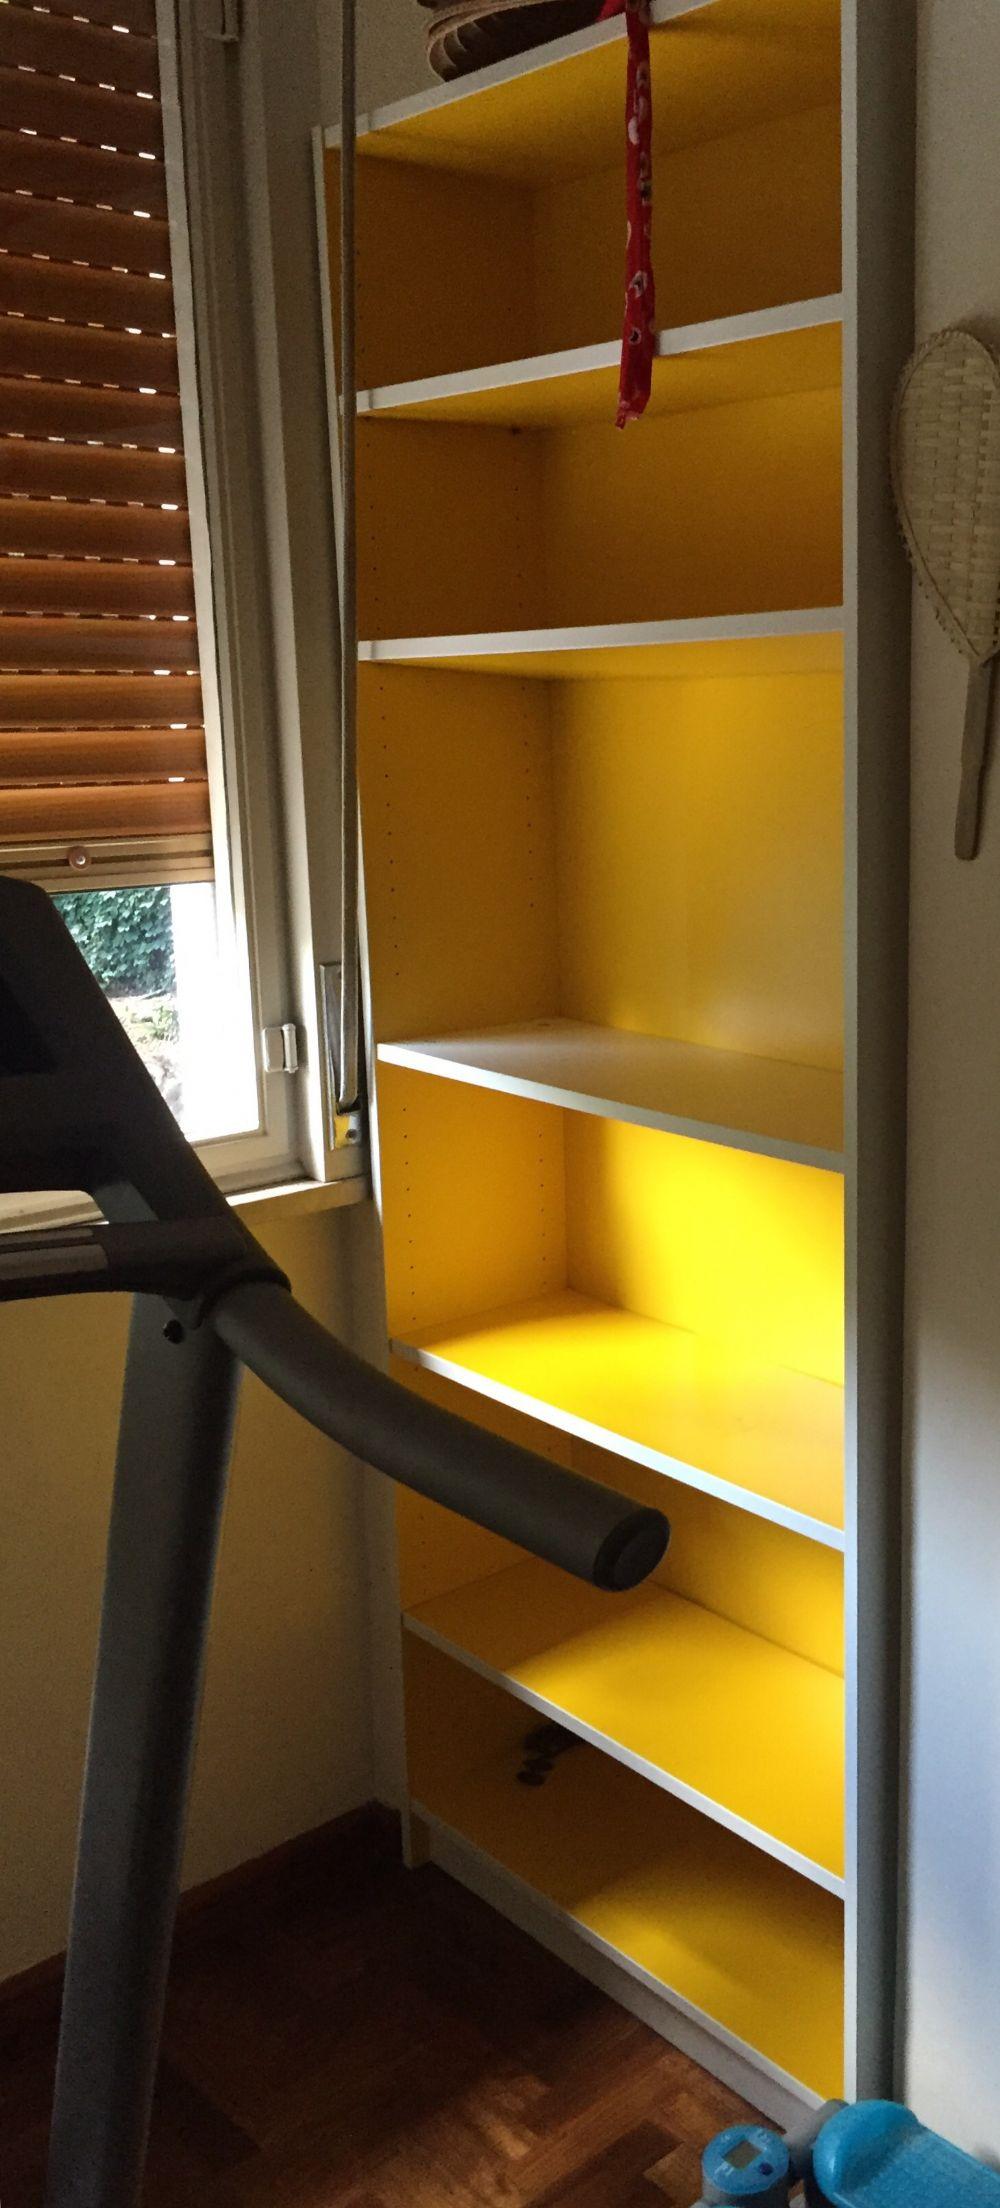 Libreria Ikea Con Ante In Vetro.Libreria Ikea Con Ante Latest Best Awesome Design Ideas Libreria